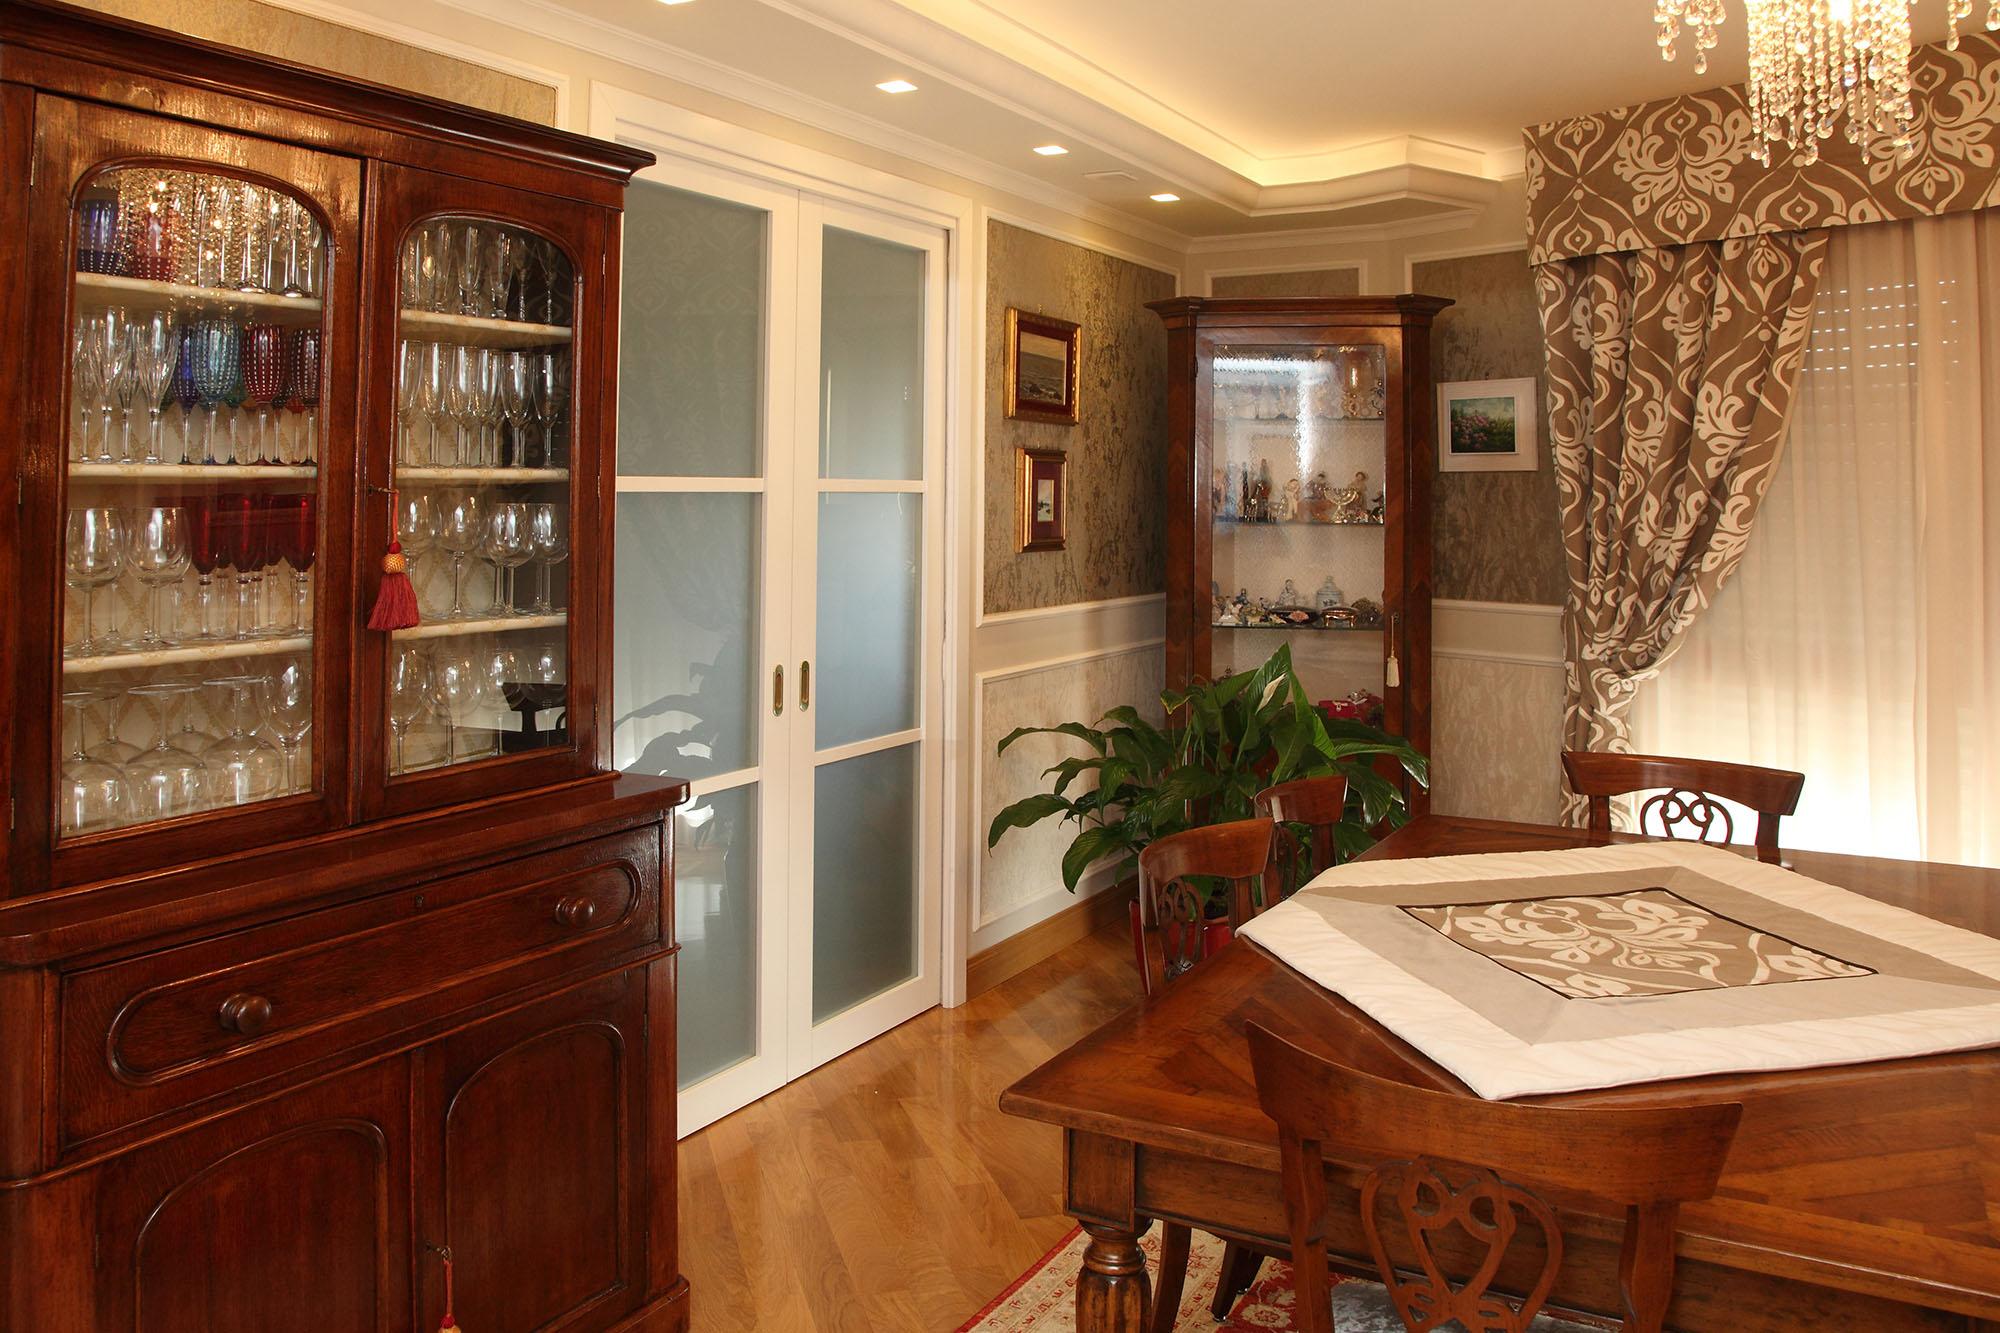 Benedetti domus arredamento e design in stile classico for Arredamento classico roma